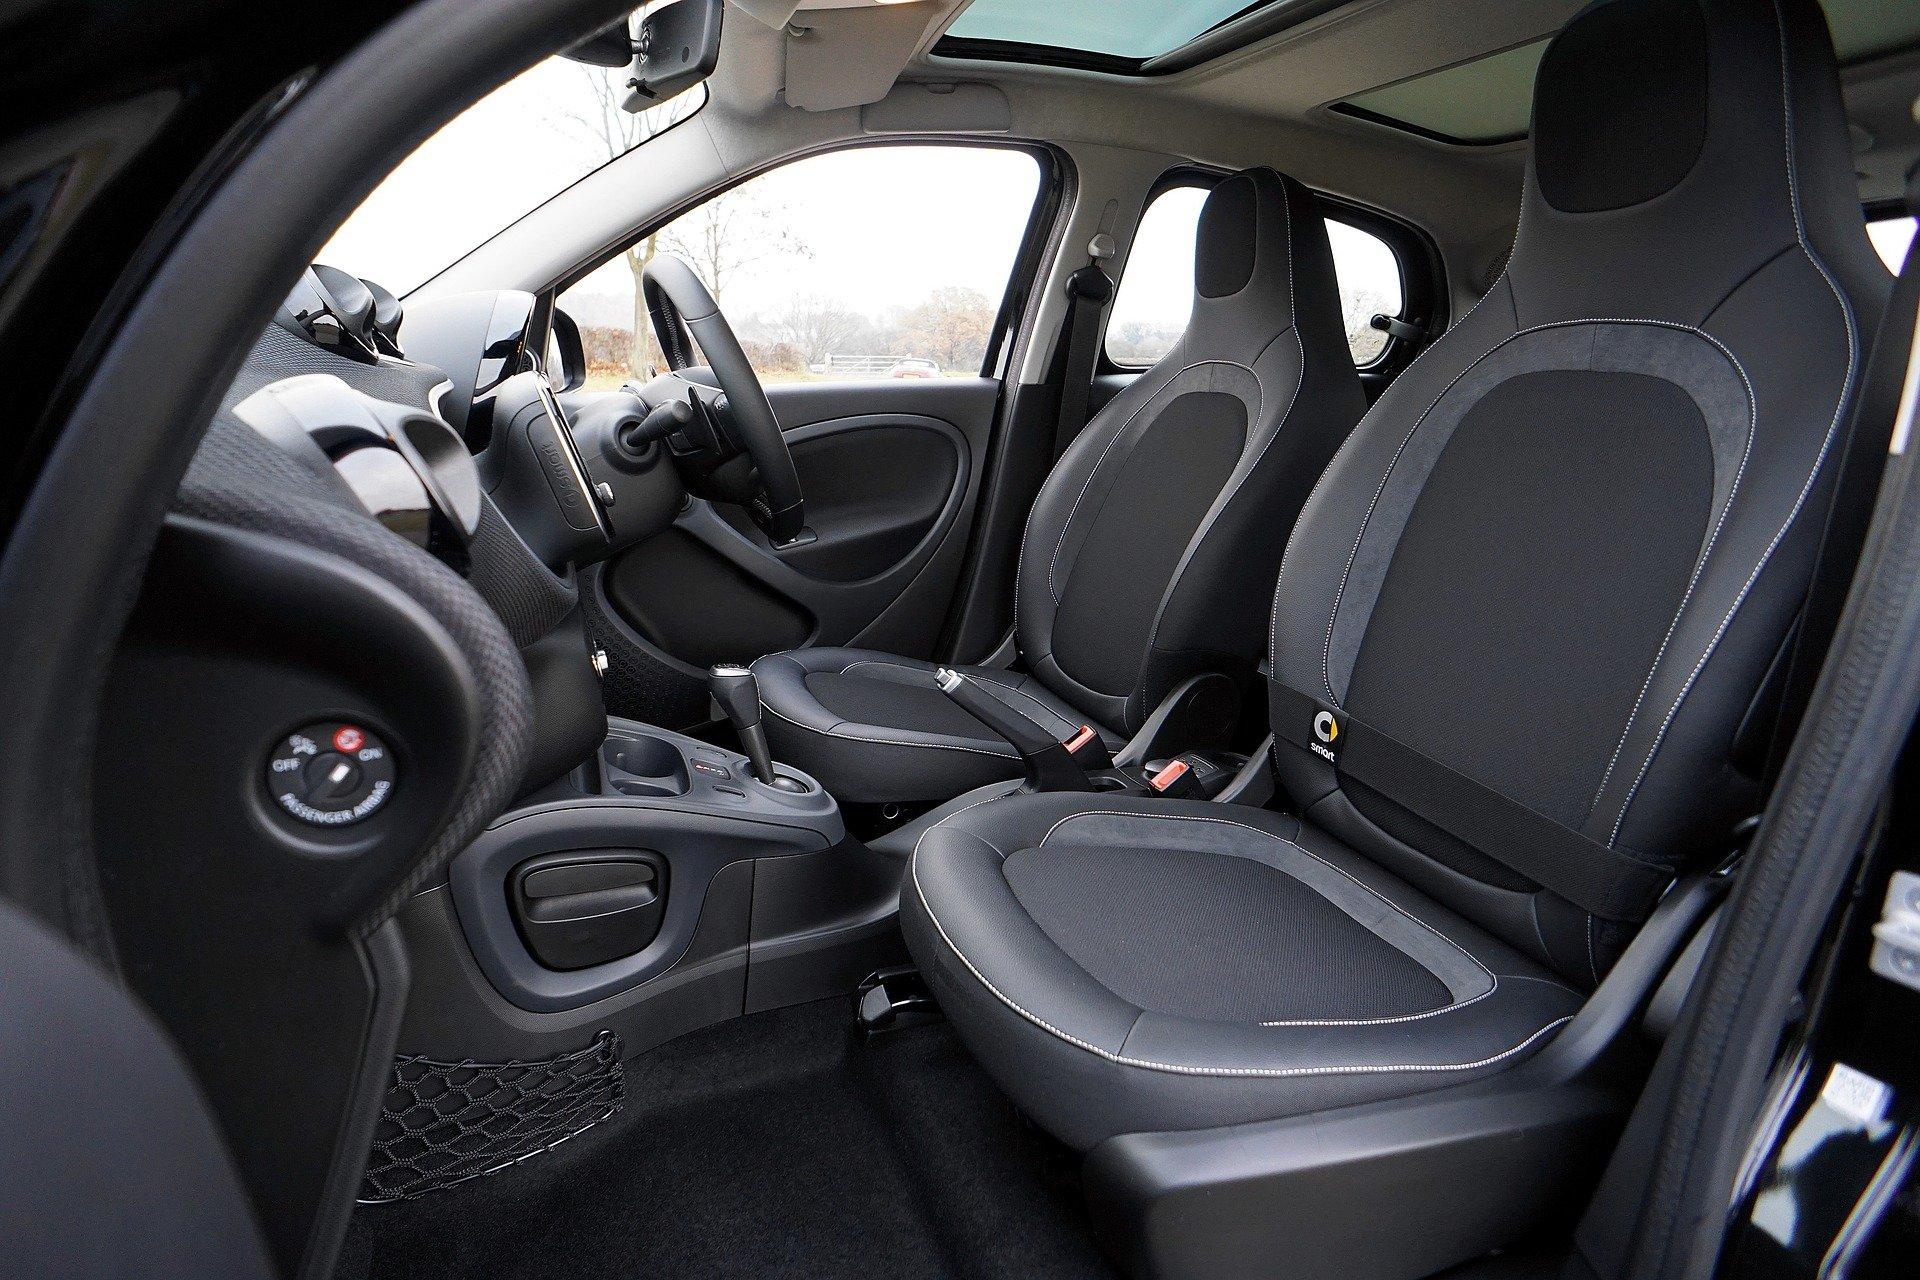 Foto da parte interior de um carro preto. Imagem ilustrativa para o texto limpeza de carros por dentro.